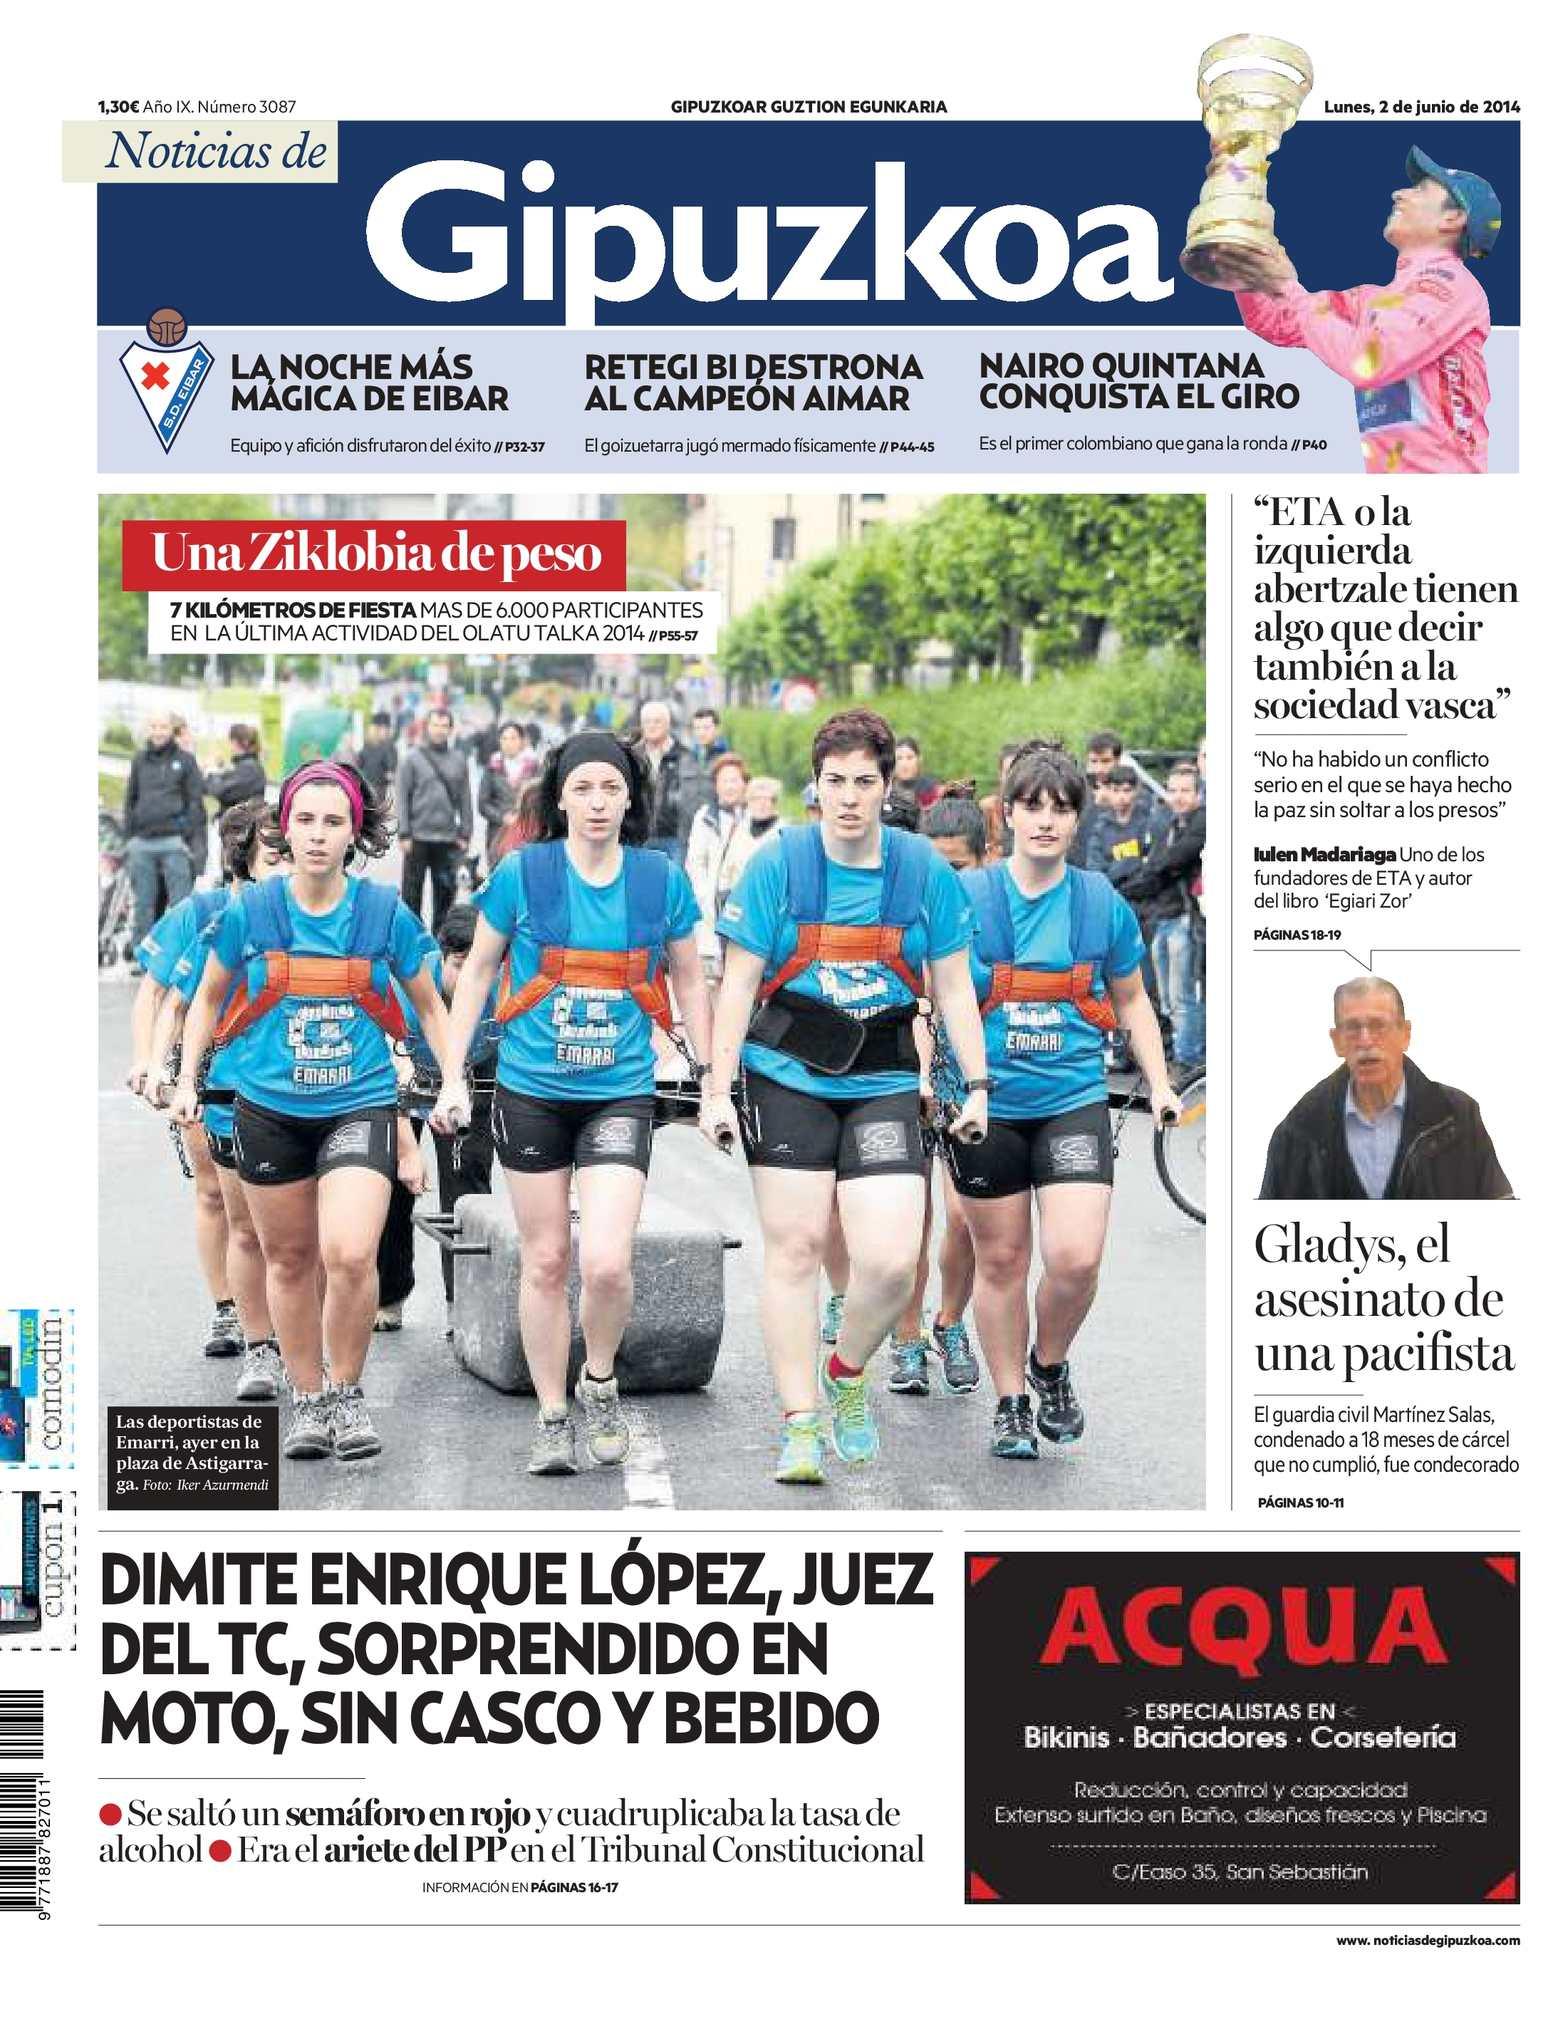 20140602 Noticias Gipuzkoa 20140602 Calaméo De De Gipuzkoa Calaméo Noticias shtdQrxBCo